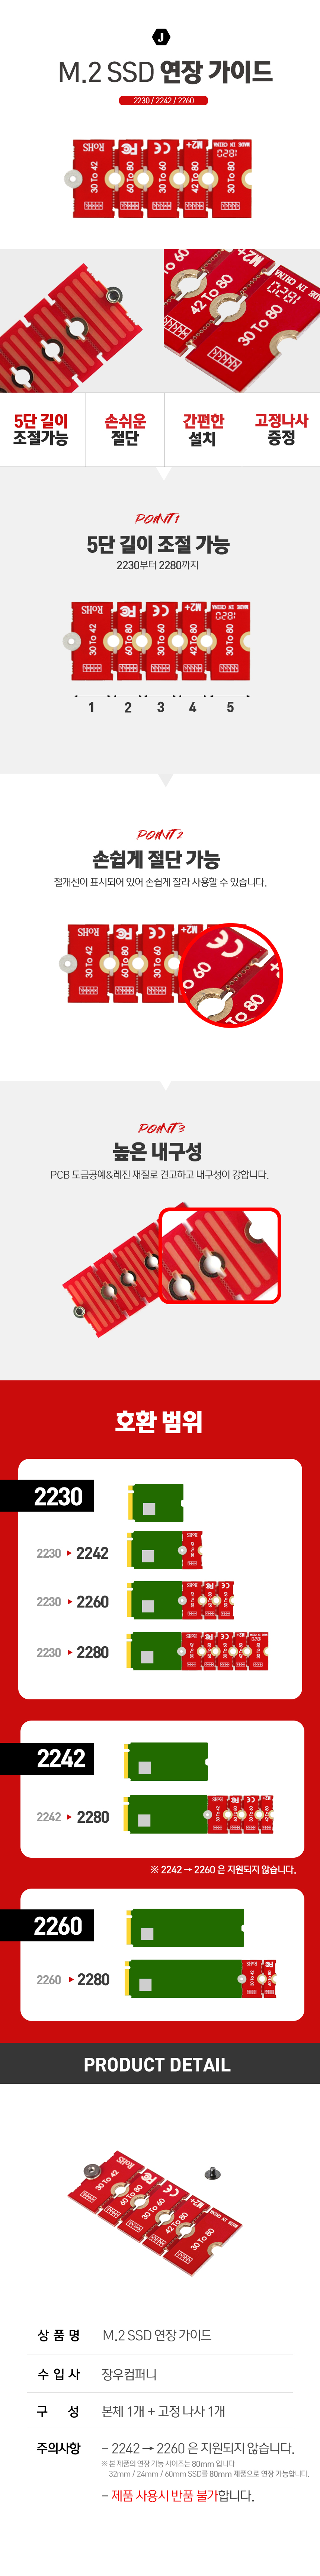 장우컴퍼니 M.2 SSD 연장 가이드